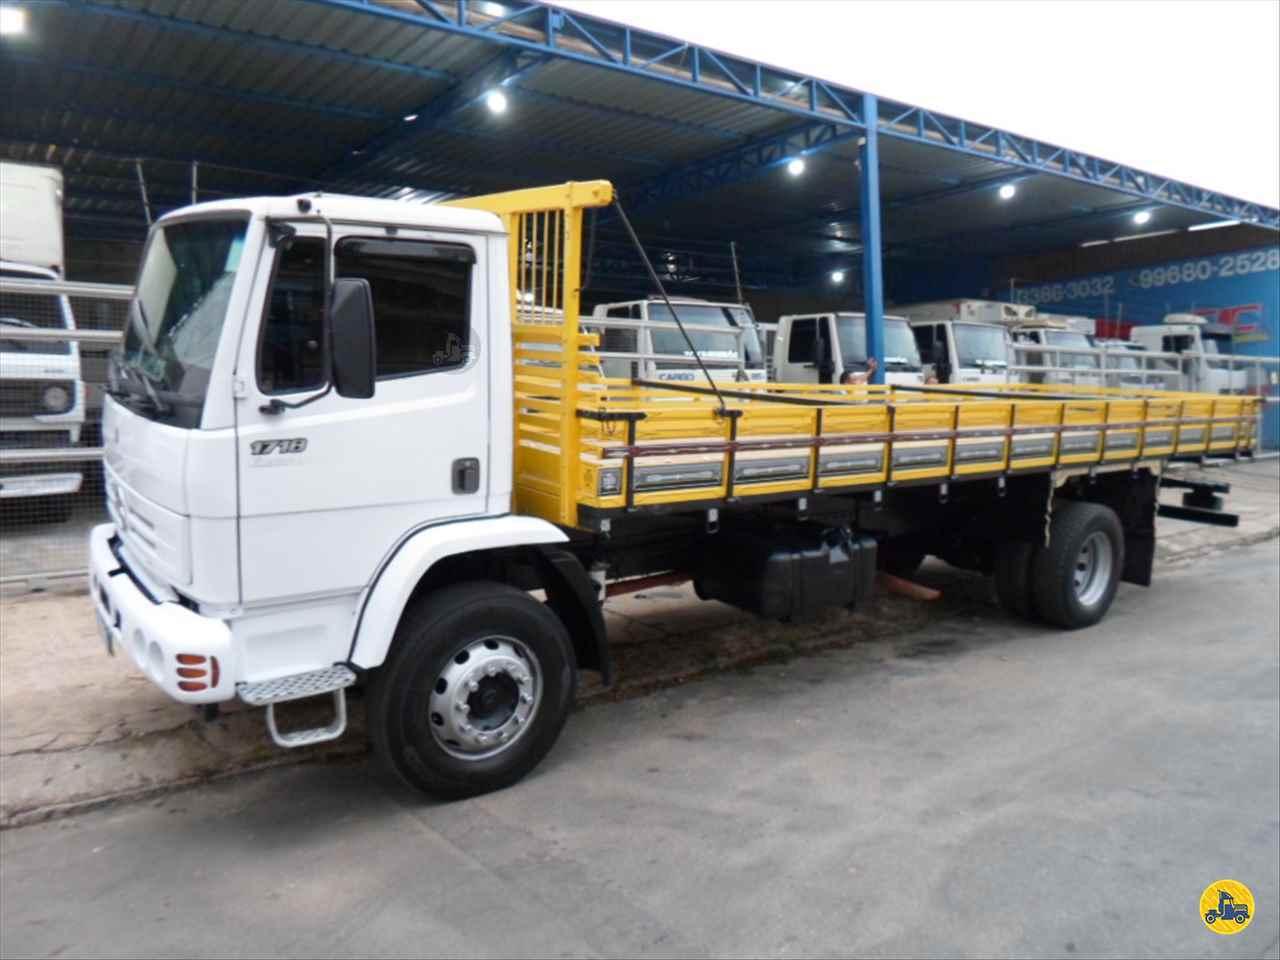 CAMINHAO MERCEDES-BENZ MB 1718 Carga Seca 3/4 4x2 TC Caminhões  BELO HORIZONTE MINAS GERAIS MG